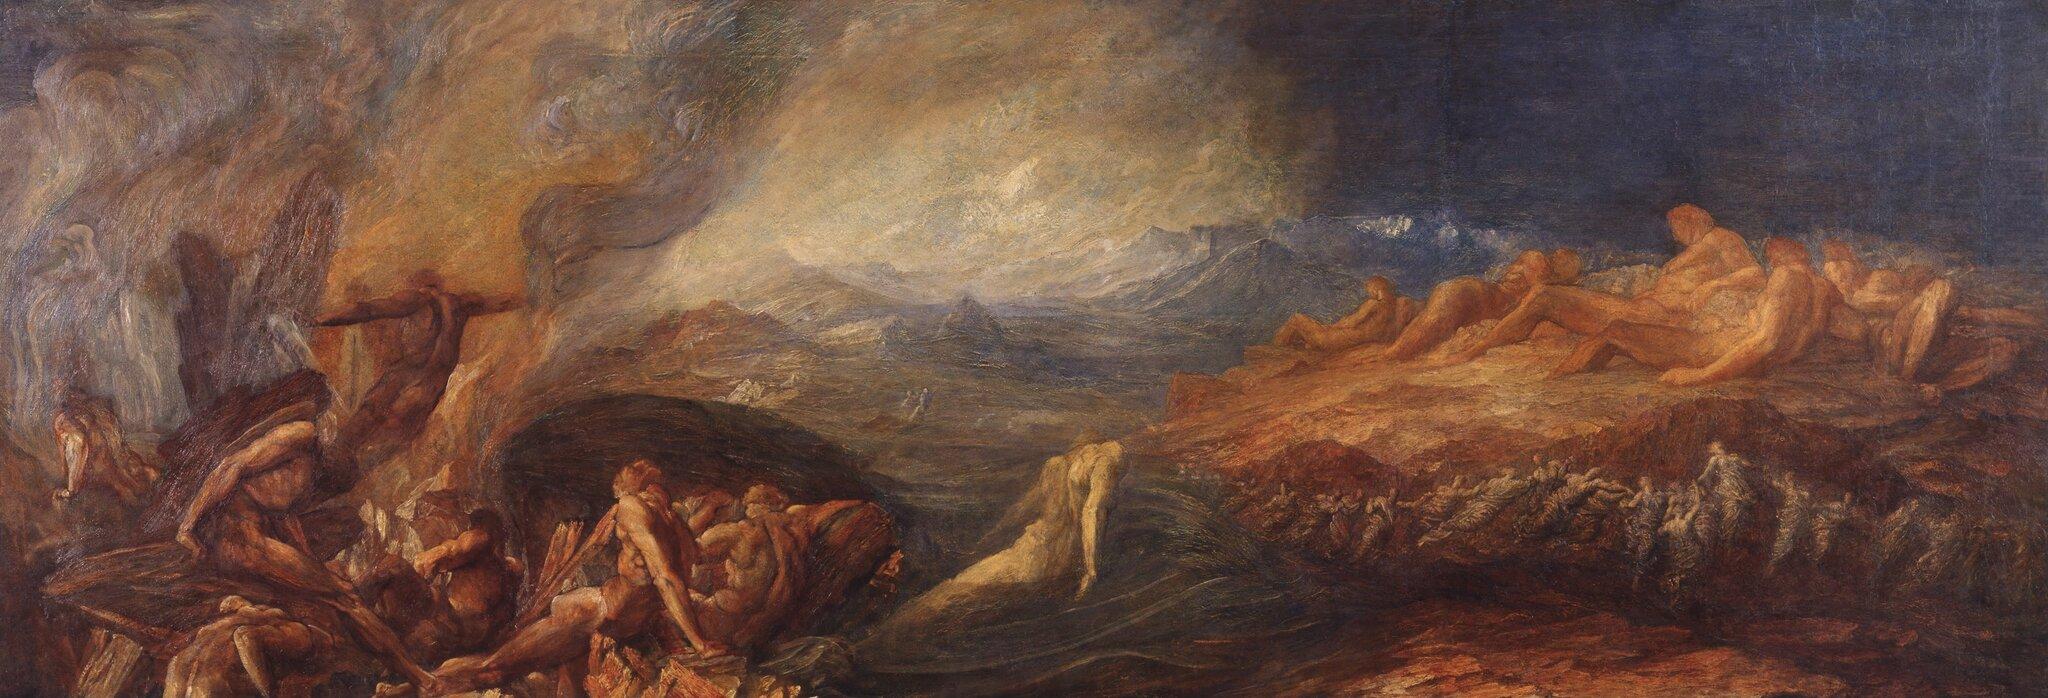 Chaos Źródło: George Frederic Watts, Chaos, 1875, domena publiczna.